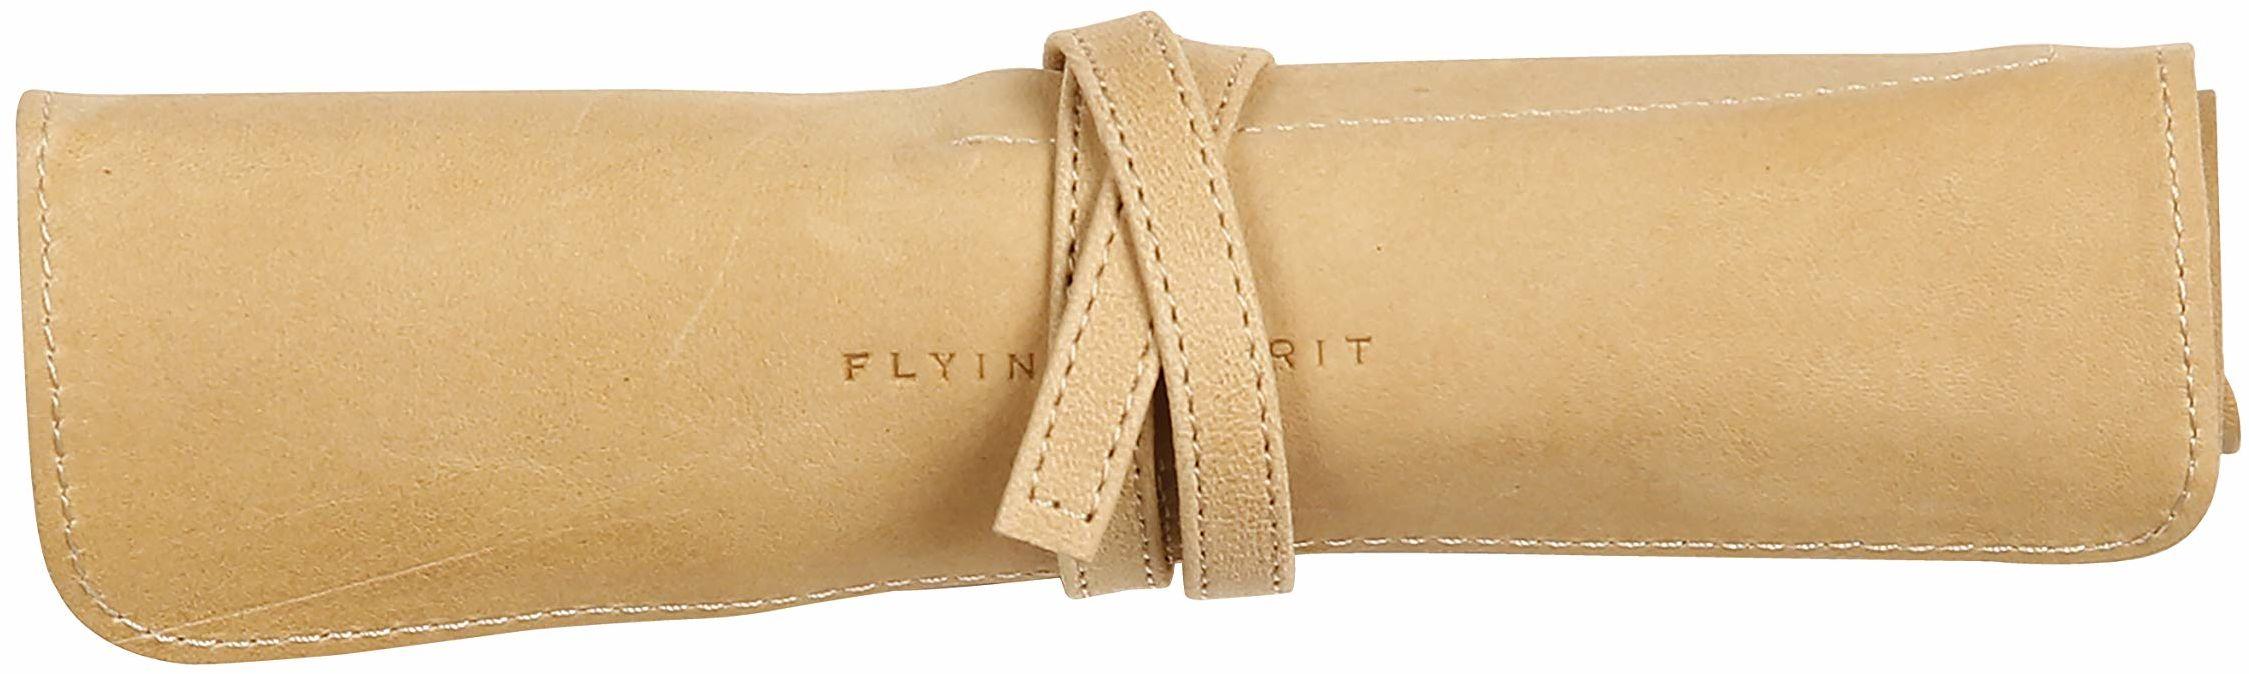 Clairefontaine Flying Spirit skórzany piórnik rolka - beżowy